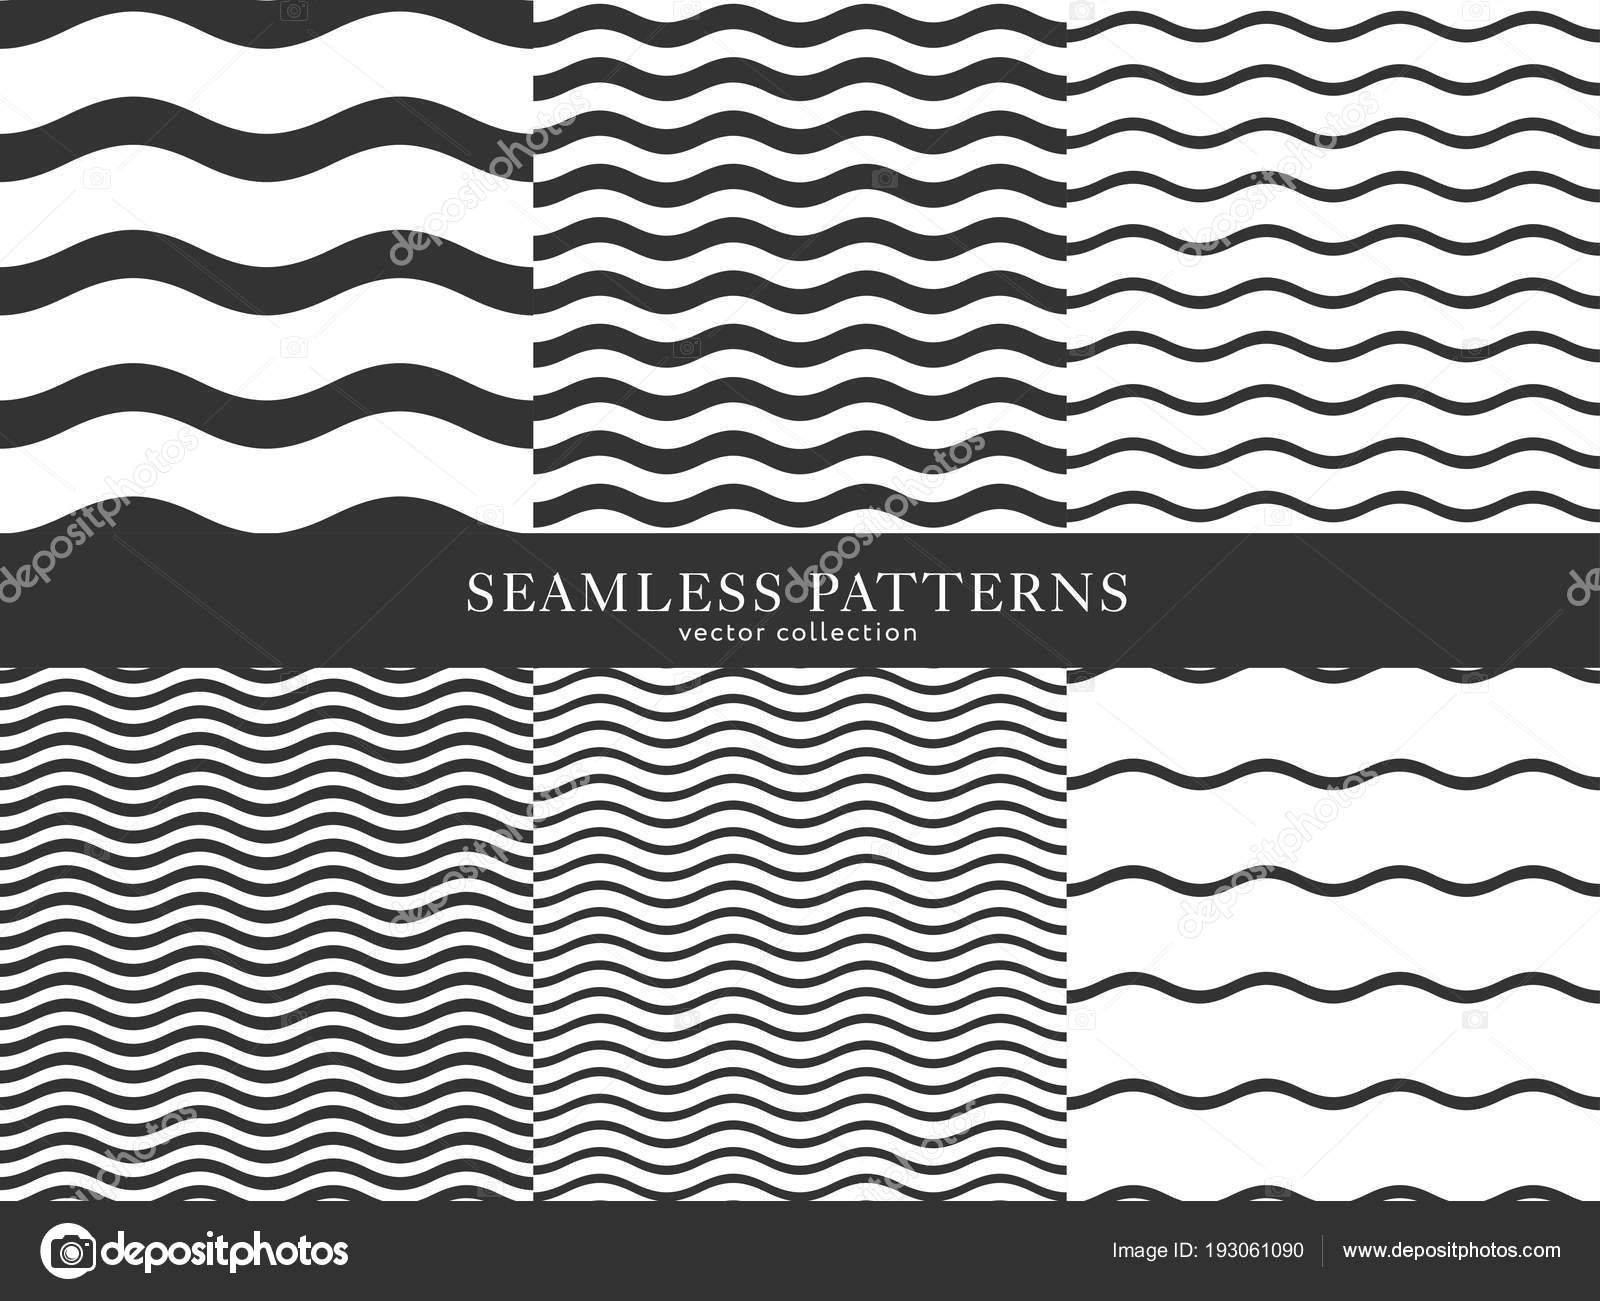 c63c08b106d5d4 Aantal golven geometrische naadloze patroon. Ontwerp van de eenvoudige  zwart-witte achtergrond. Sjabloon voor afdrukken, inpakpapier, stoffen,  bestrijkt, ...